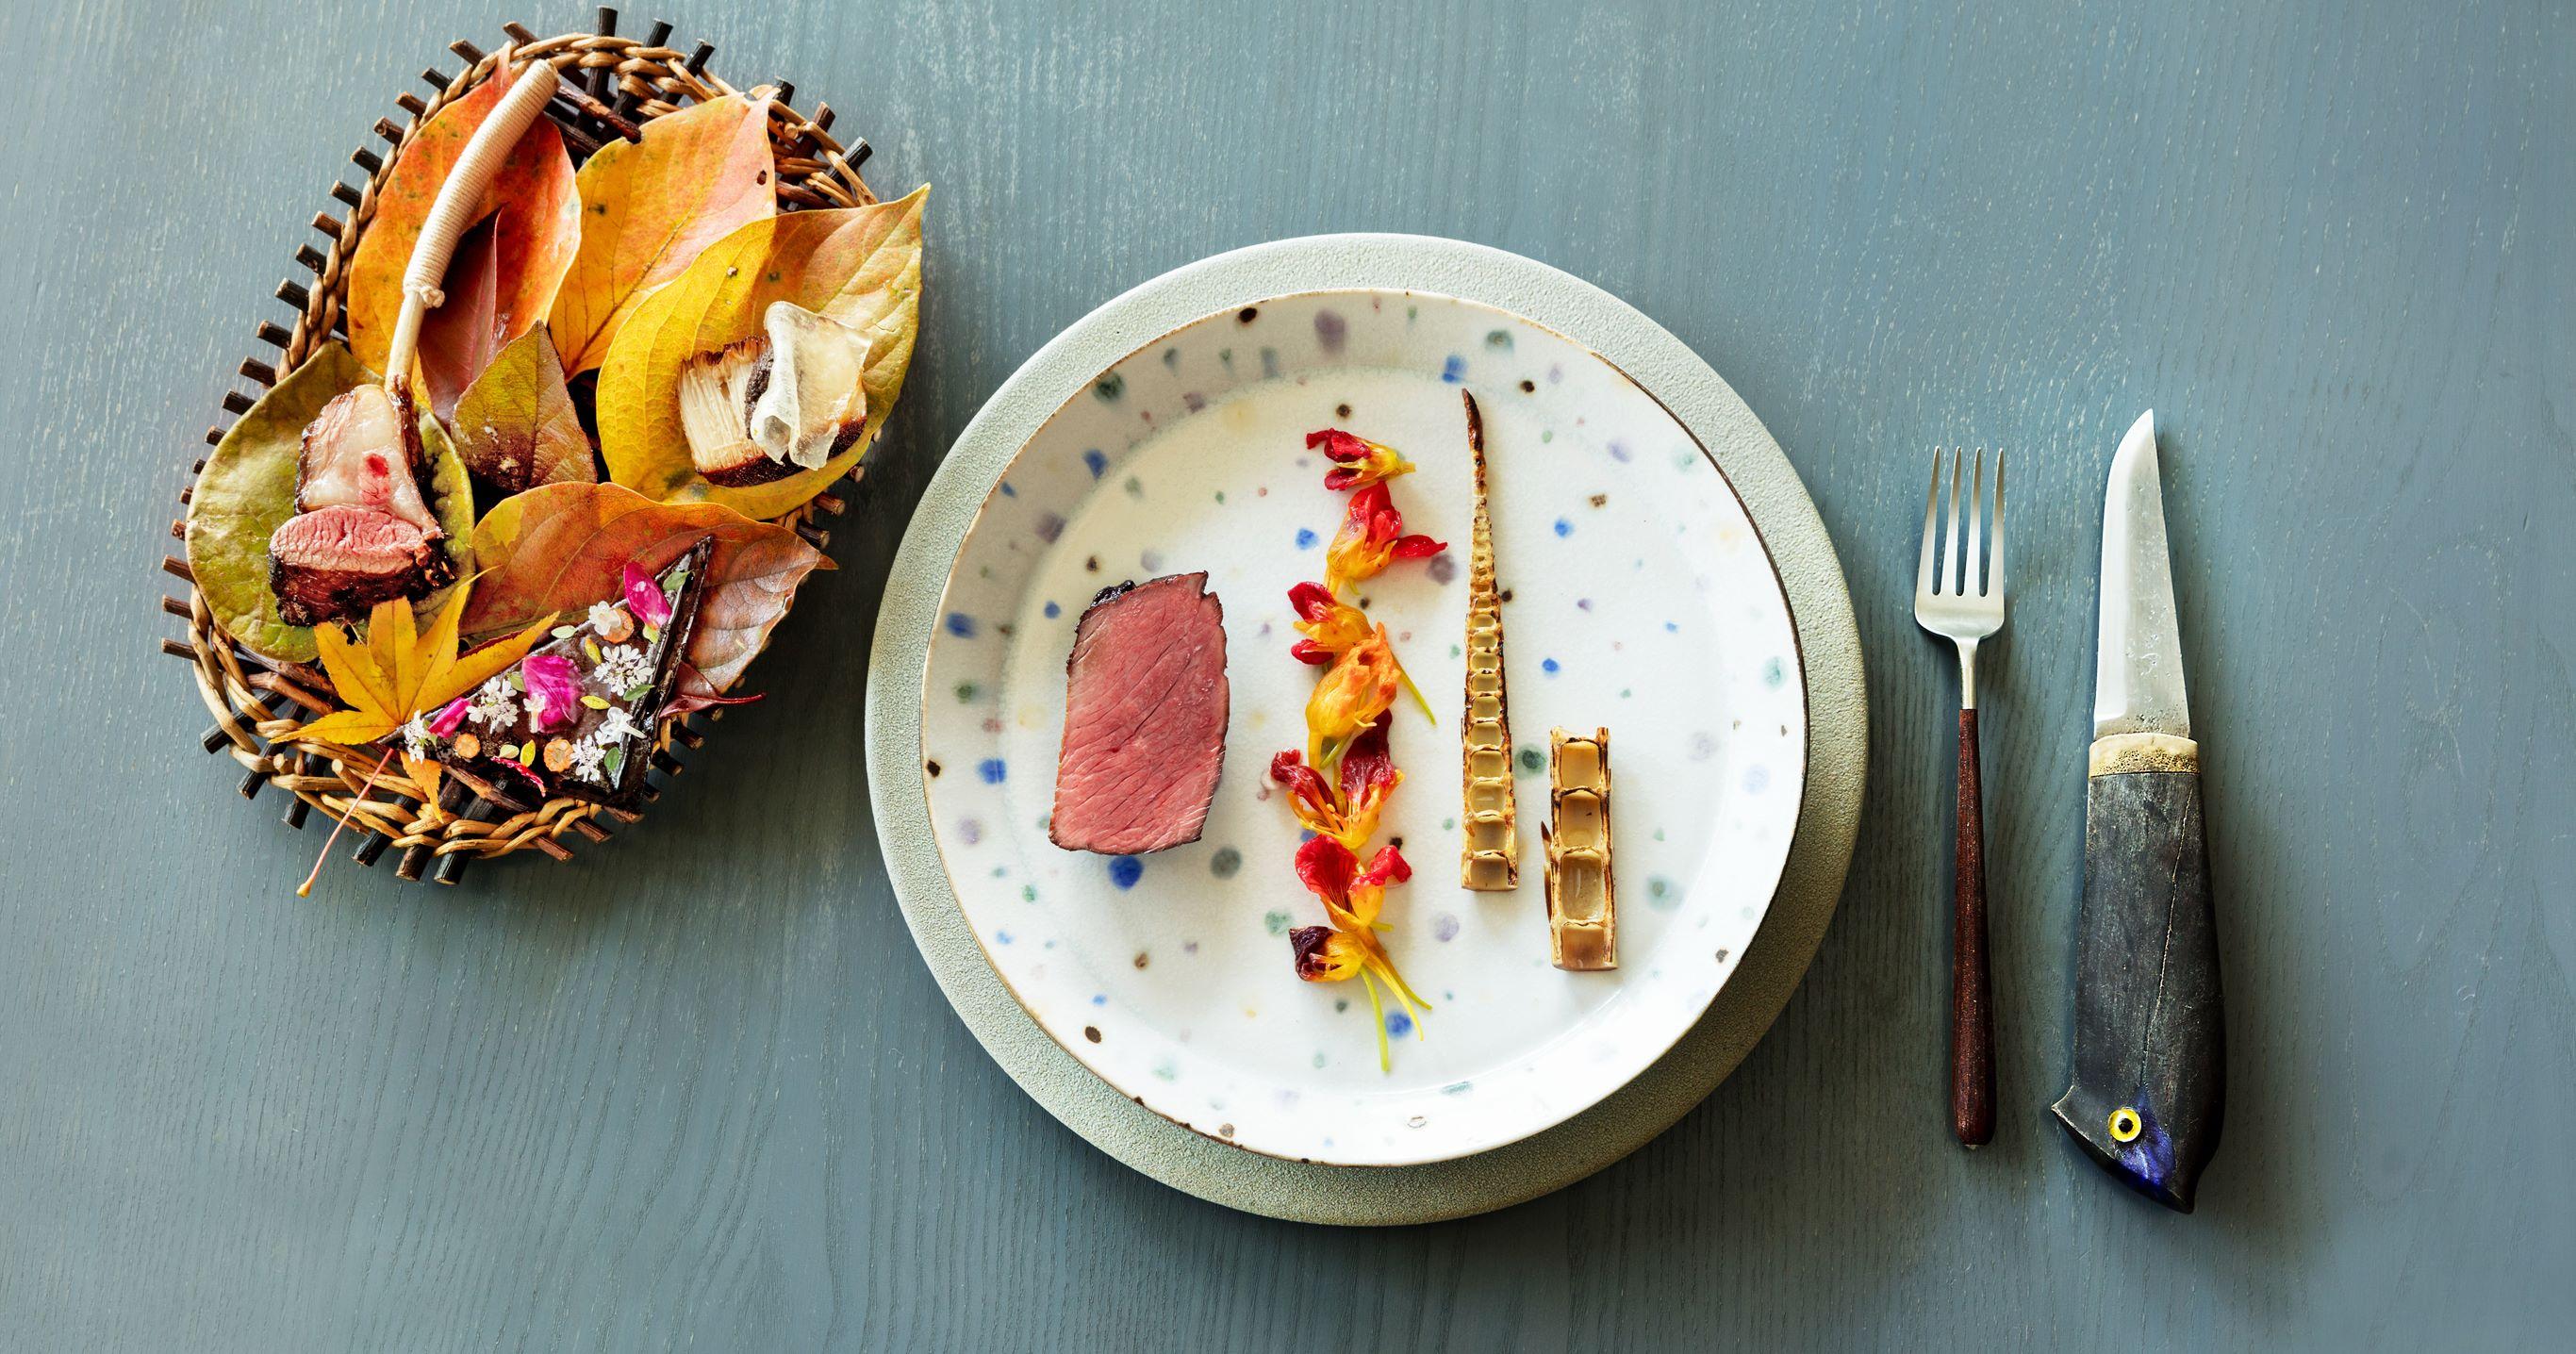 熟成两周的北海道产鹿肉,用日本烧酌的麹调味炭火烧烤,搭配金莲花泡菜和高知县产的四方竹。